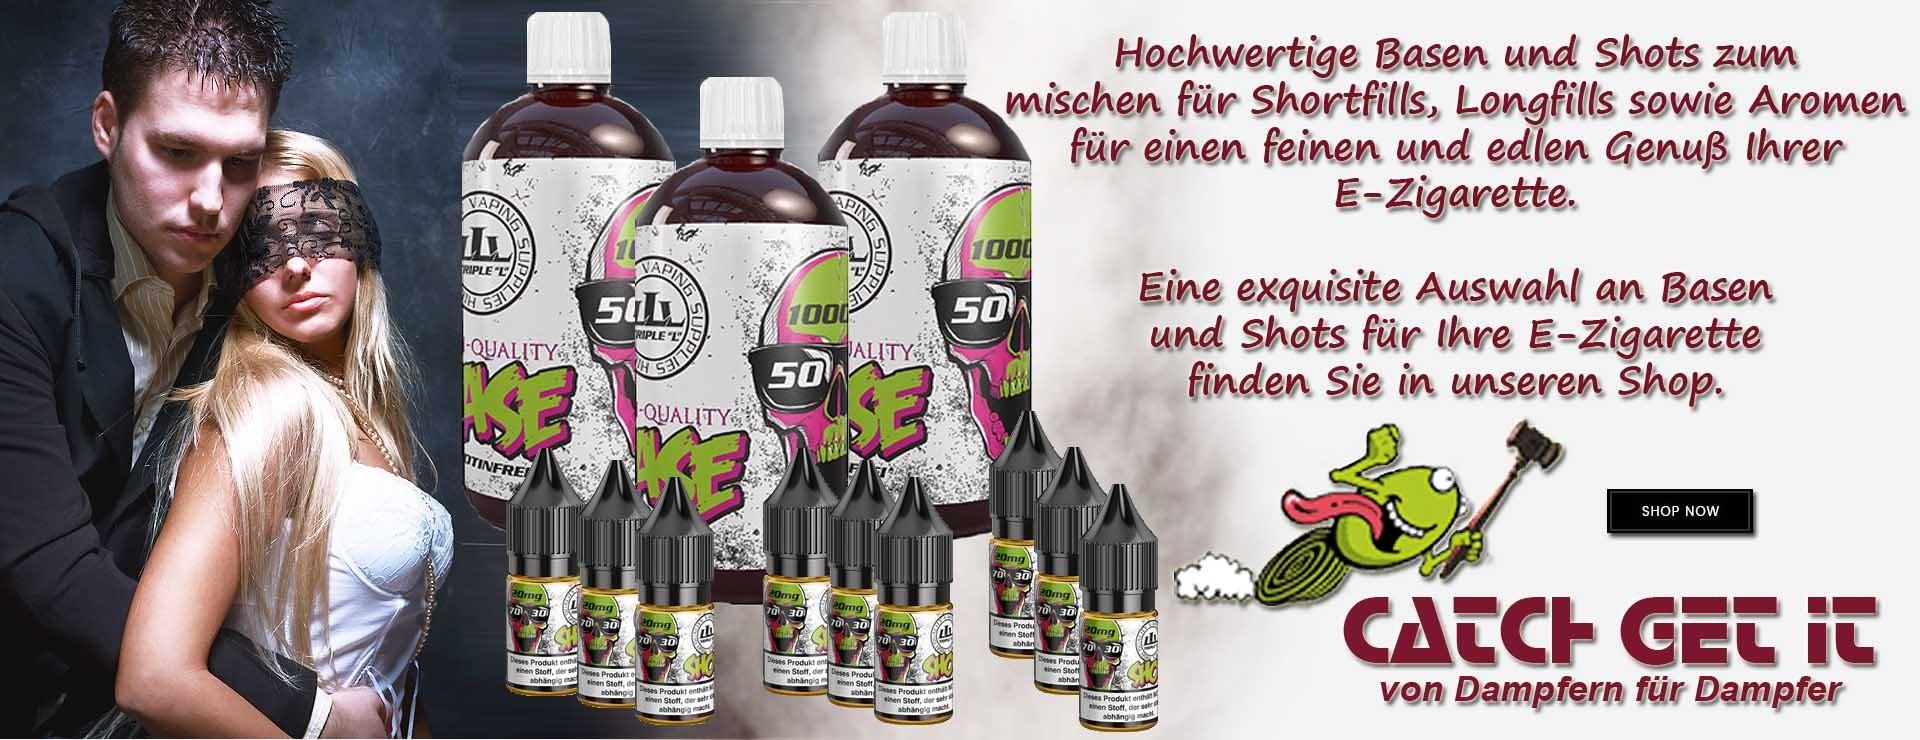 Catch Get It - von Dampfern für Dampfer - Unser Sortiment für die e-Zigarette - Basen und Nikotinshots zum mischen von Aromen und Liquids